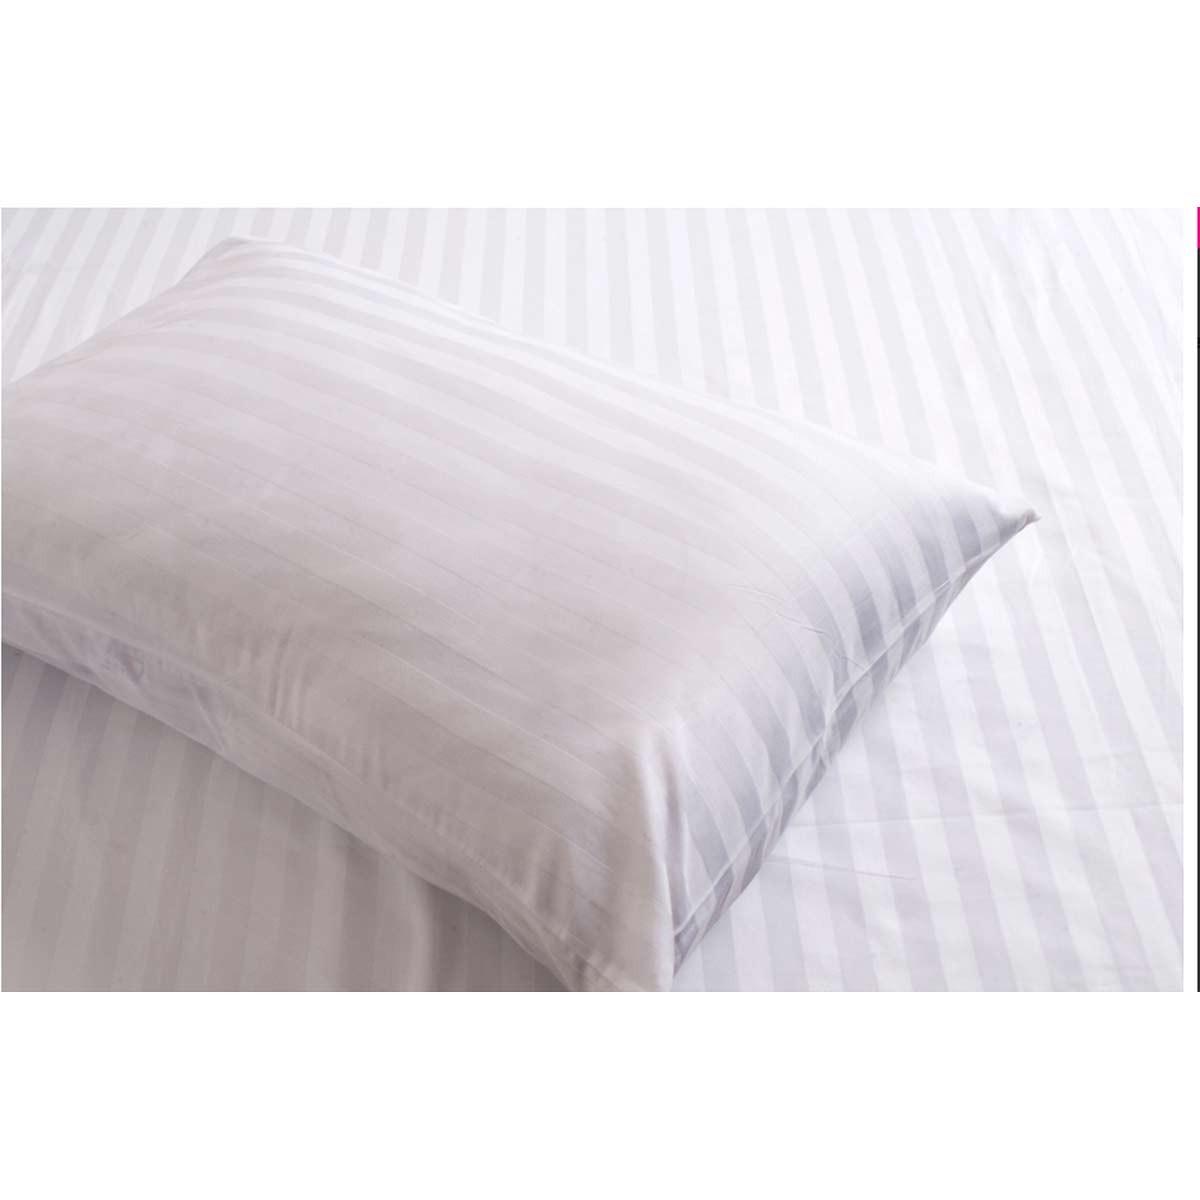 Σεντόνι Υπέρδιπλο Λευκό (240×270) Melinen Satin Stripe